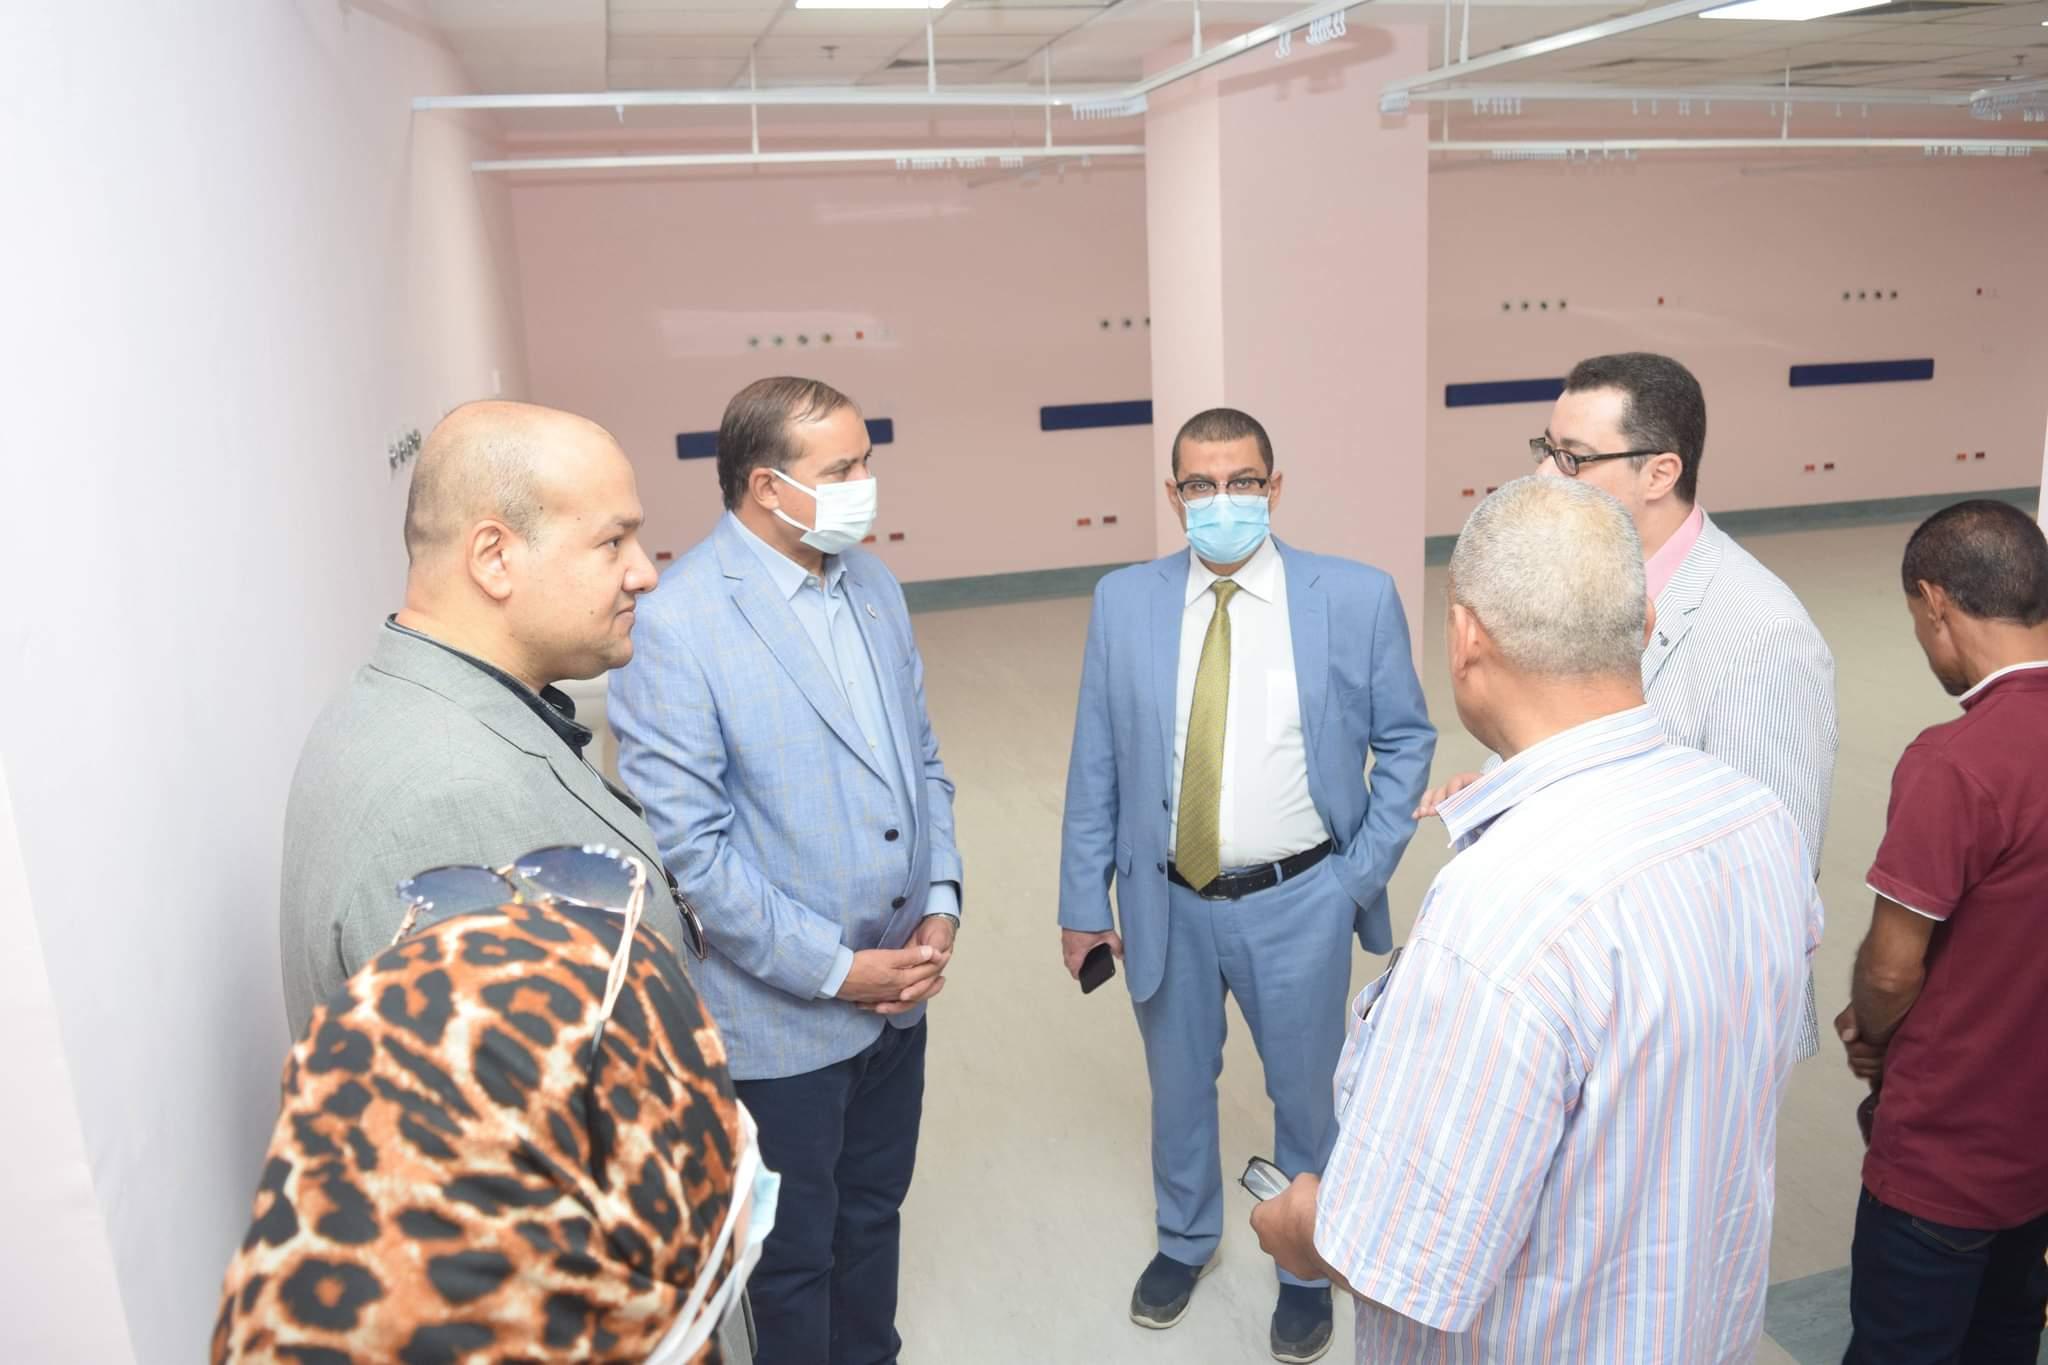 رئيس جامعة سوهاج يتابع التجهيزات النهائية لتشغيل المستشفى الجامعى الجديد